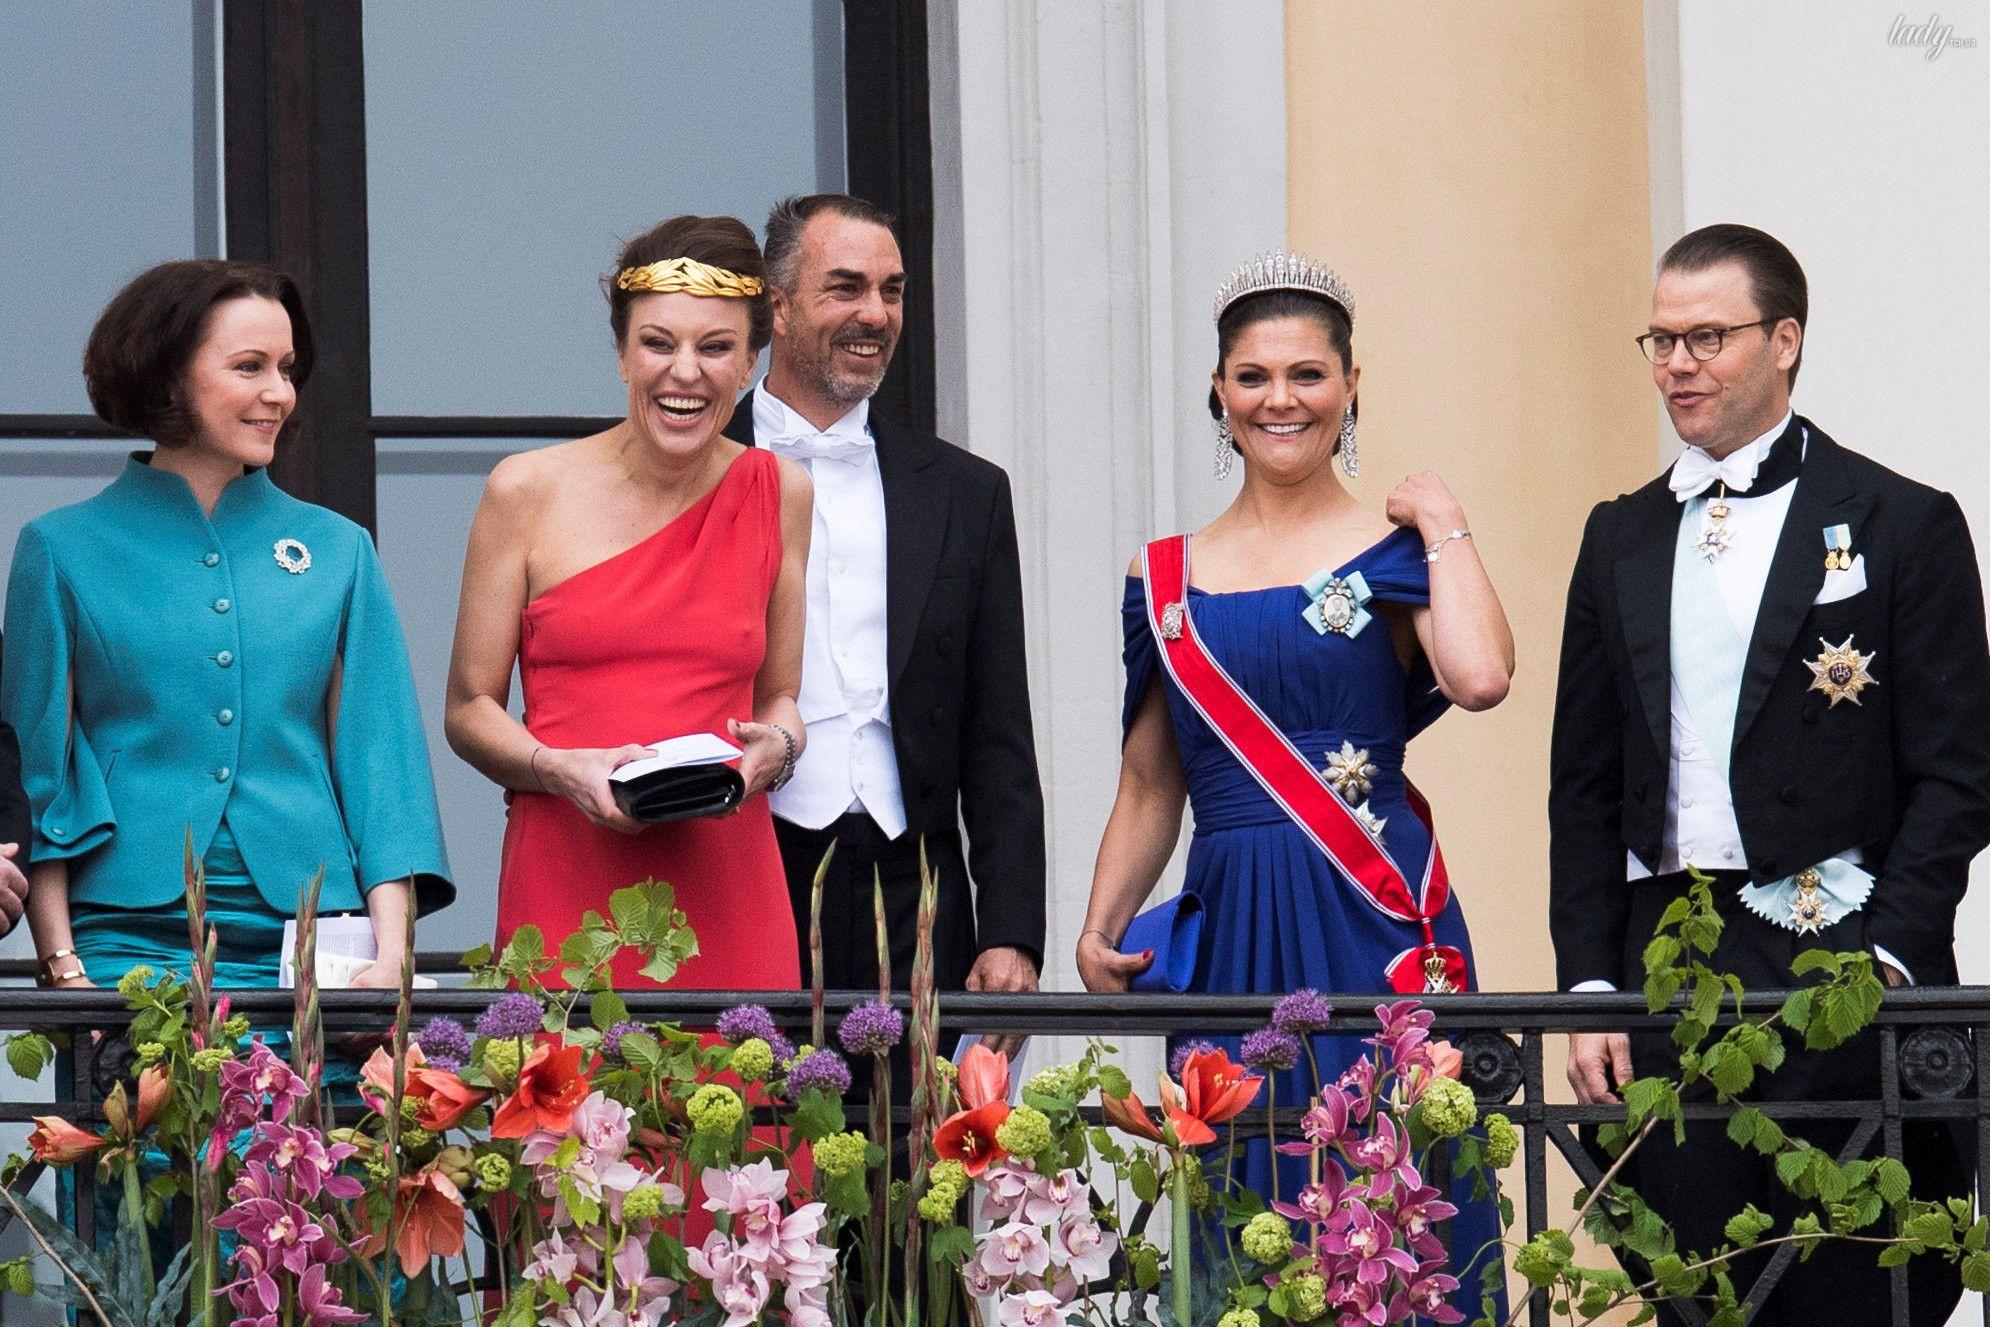 Празднование 80-летия короля Харальда и королевы Норвегии Сони _3